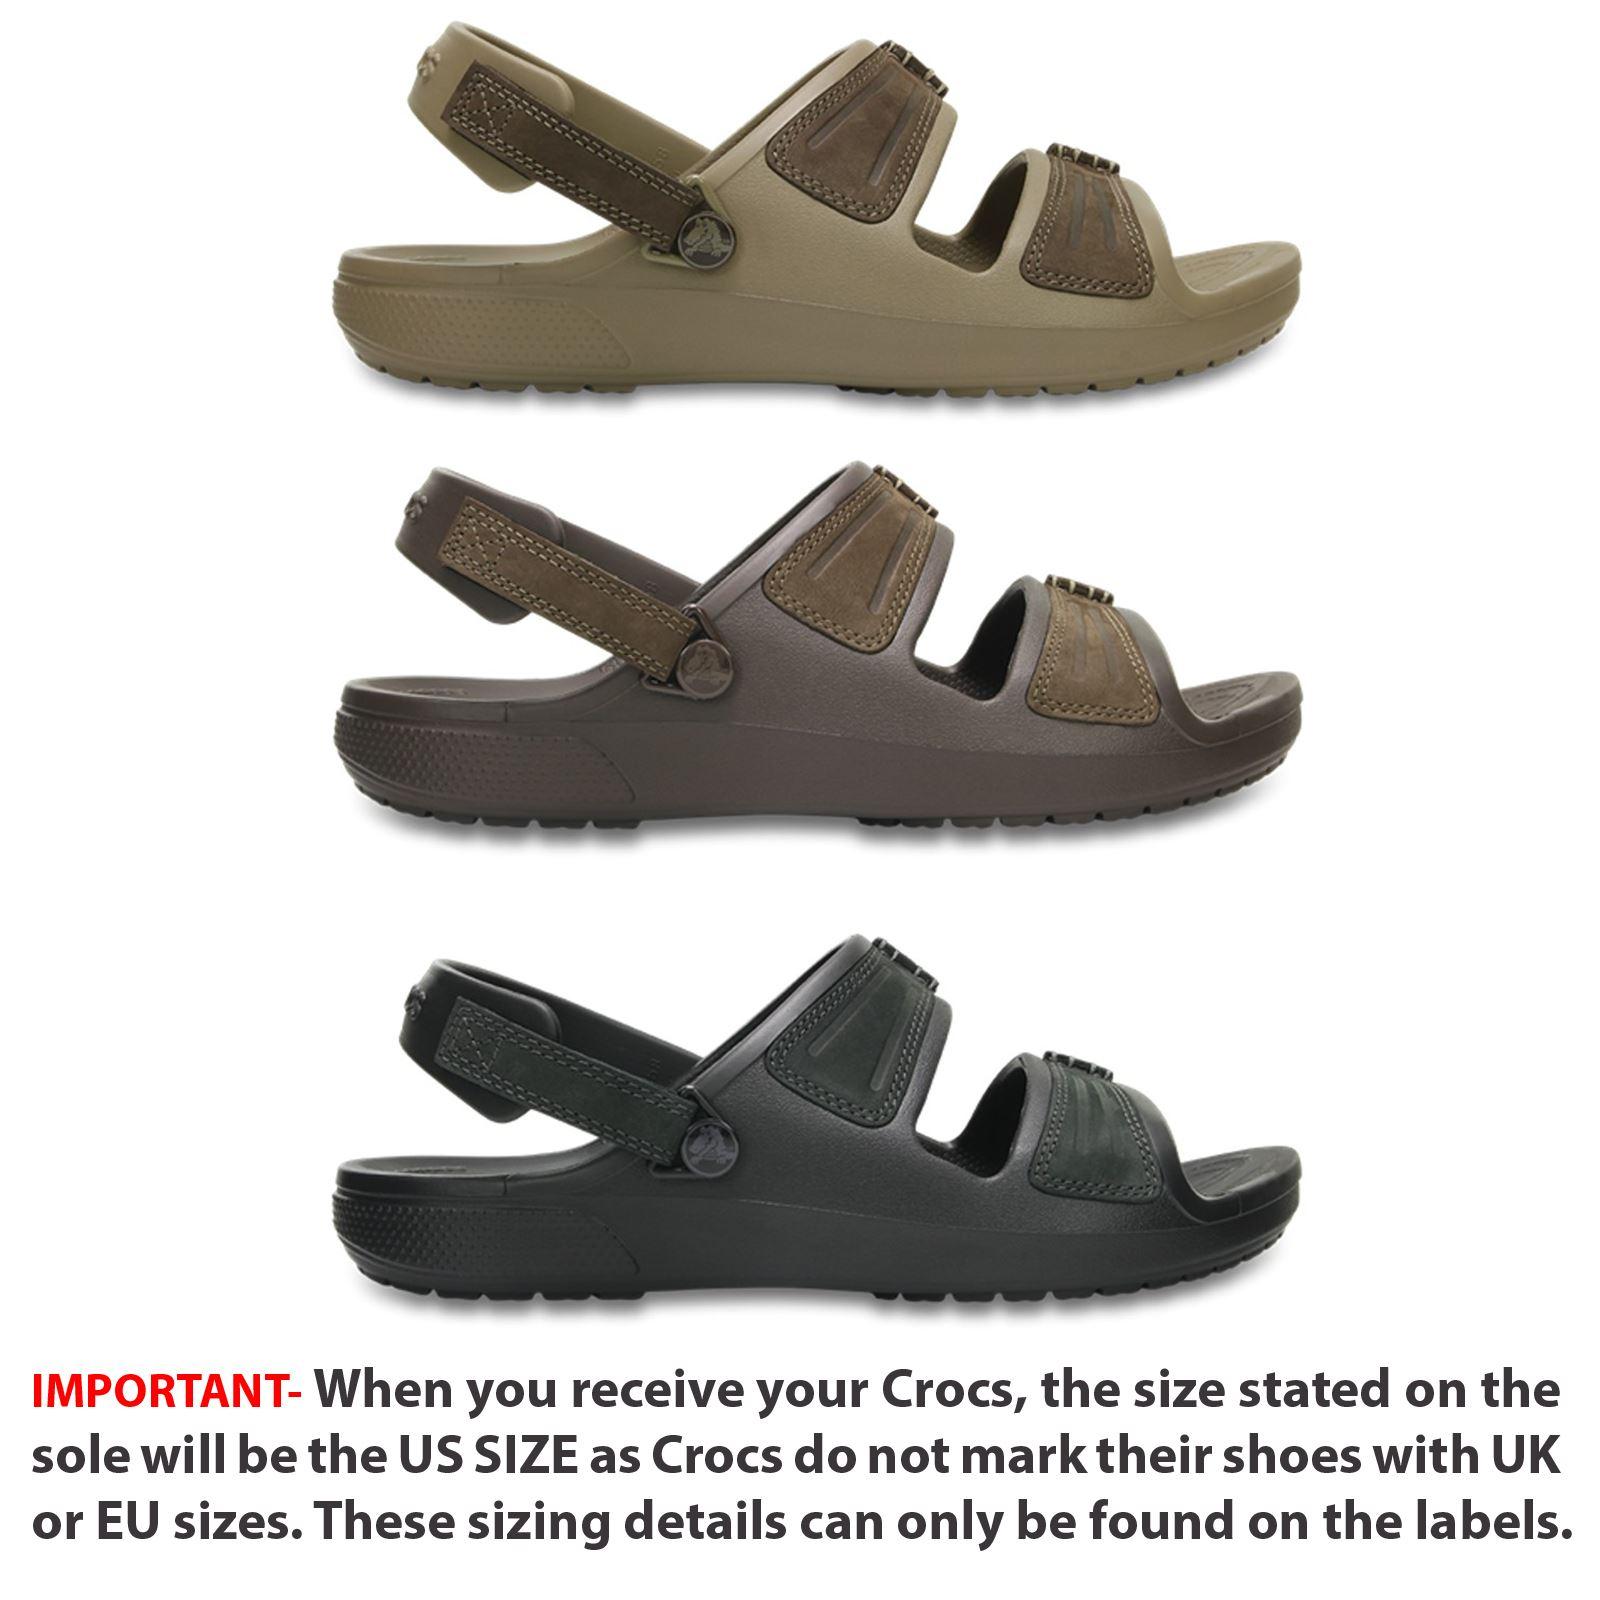 4a05f5f6aaa4 Crocs Yukon Mesa Roomy Fit Sandals in Black